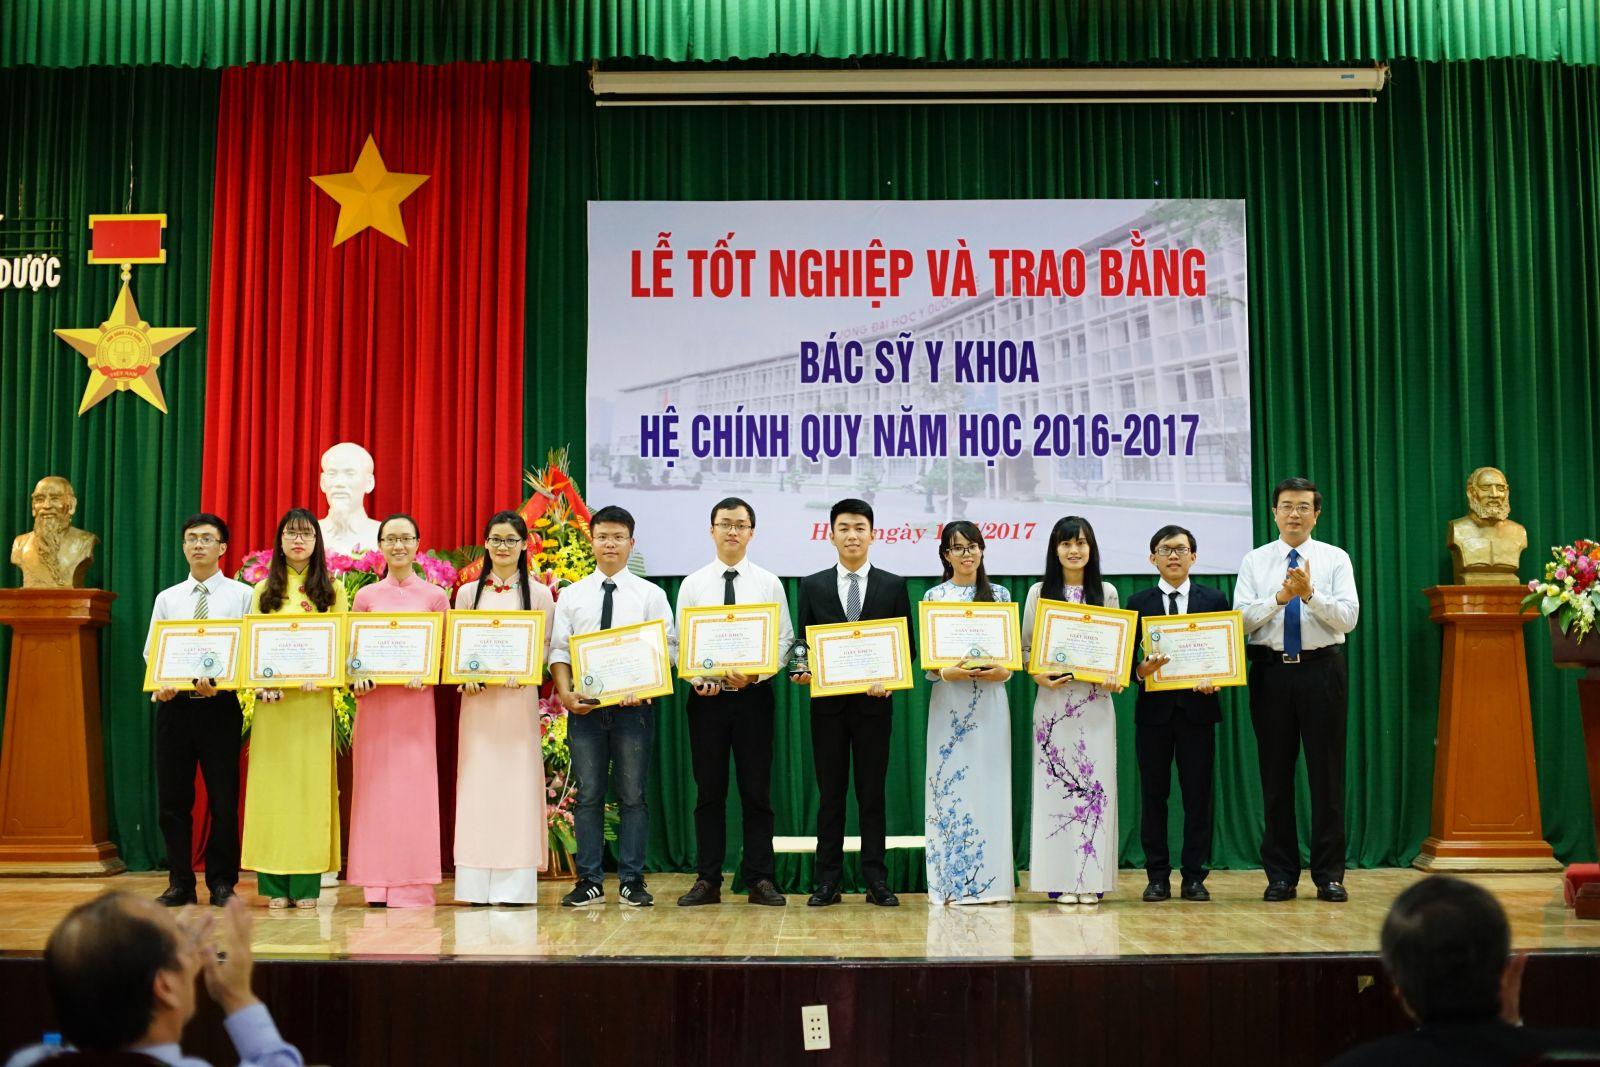 PGS.TS. Nguyễn Vũ Quốc Huy, Phó Hiệu trưởng trao tặng Giấy khen cho những sinh viên đạt kết quả học tập xuất sắc/giỏi, rèn luyện xuất sắc/tốt và tích cực tham gia các công tác của Nhà trường trong toàn khóa học.